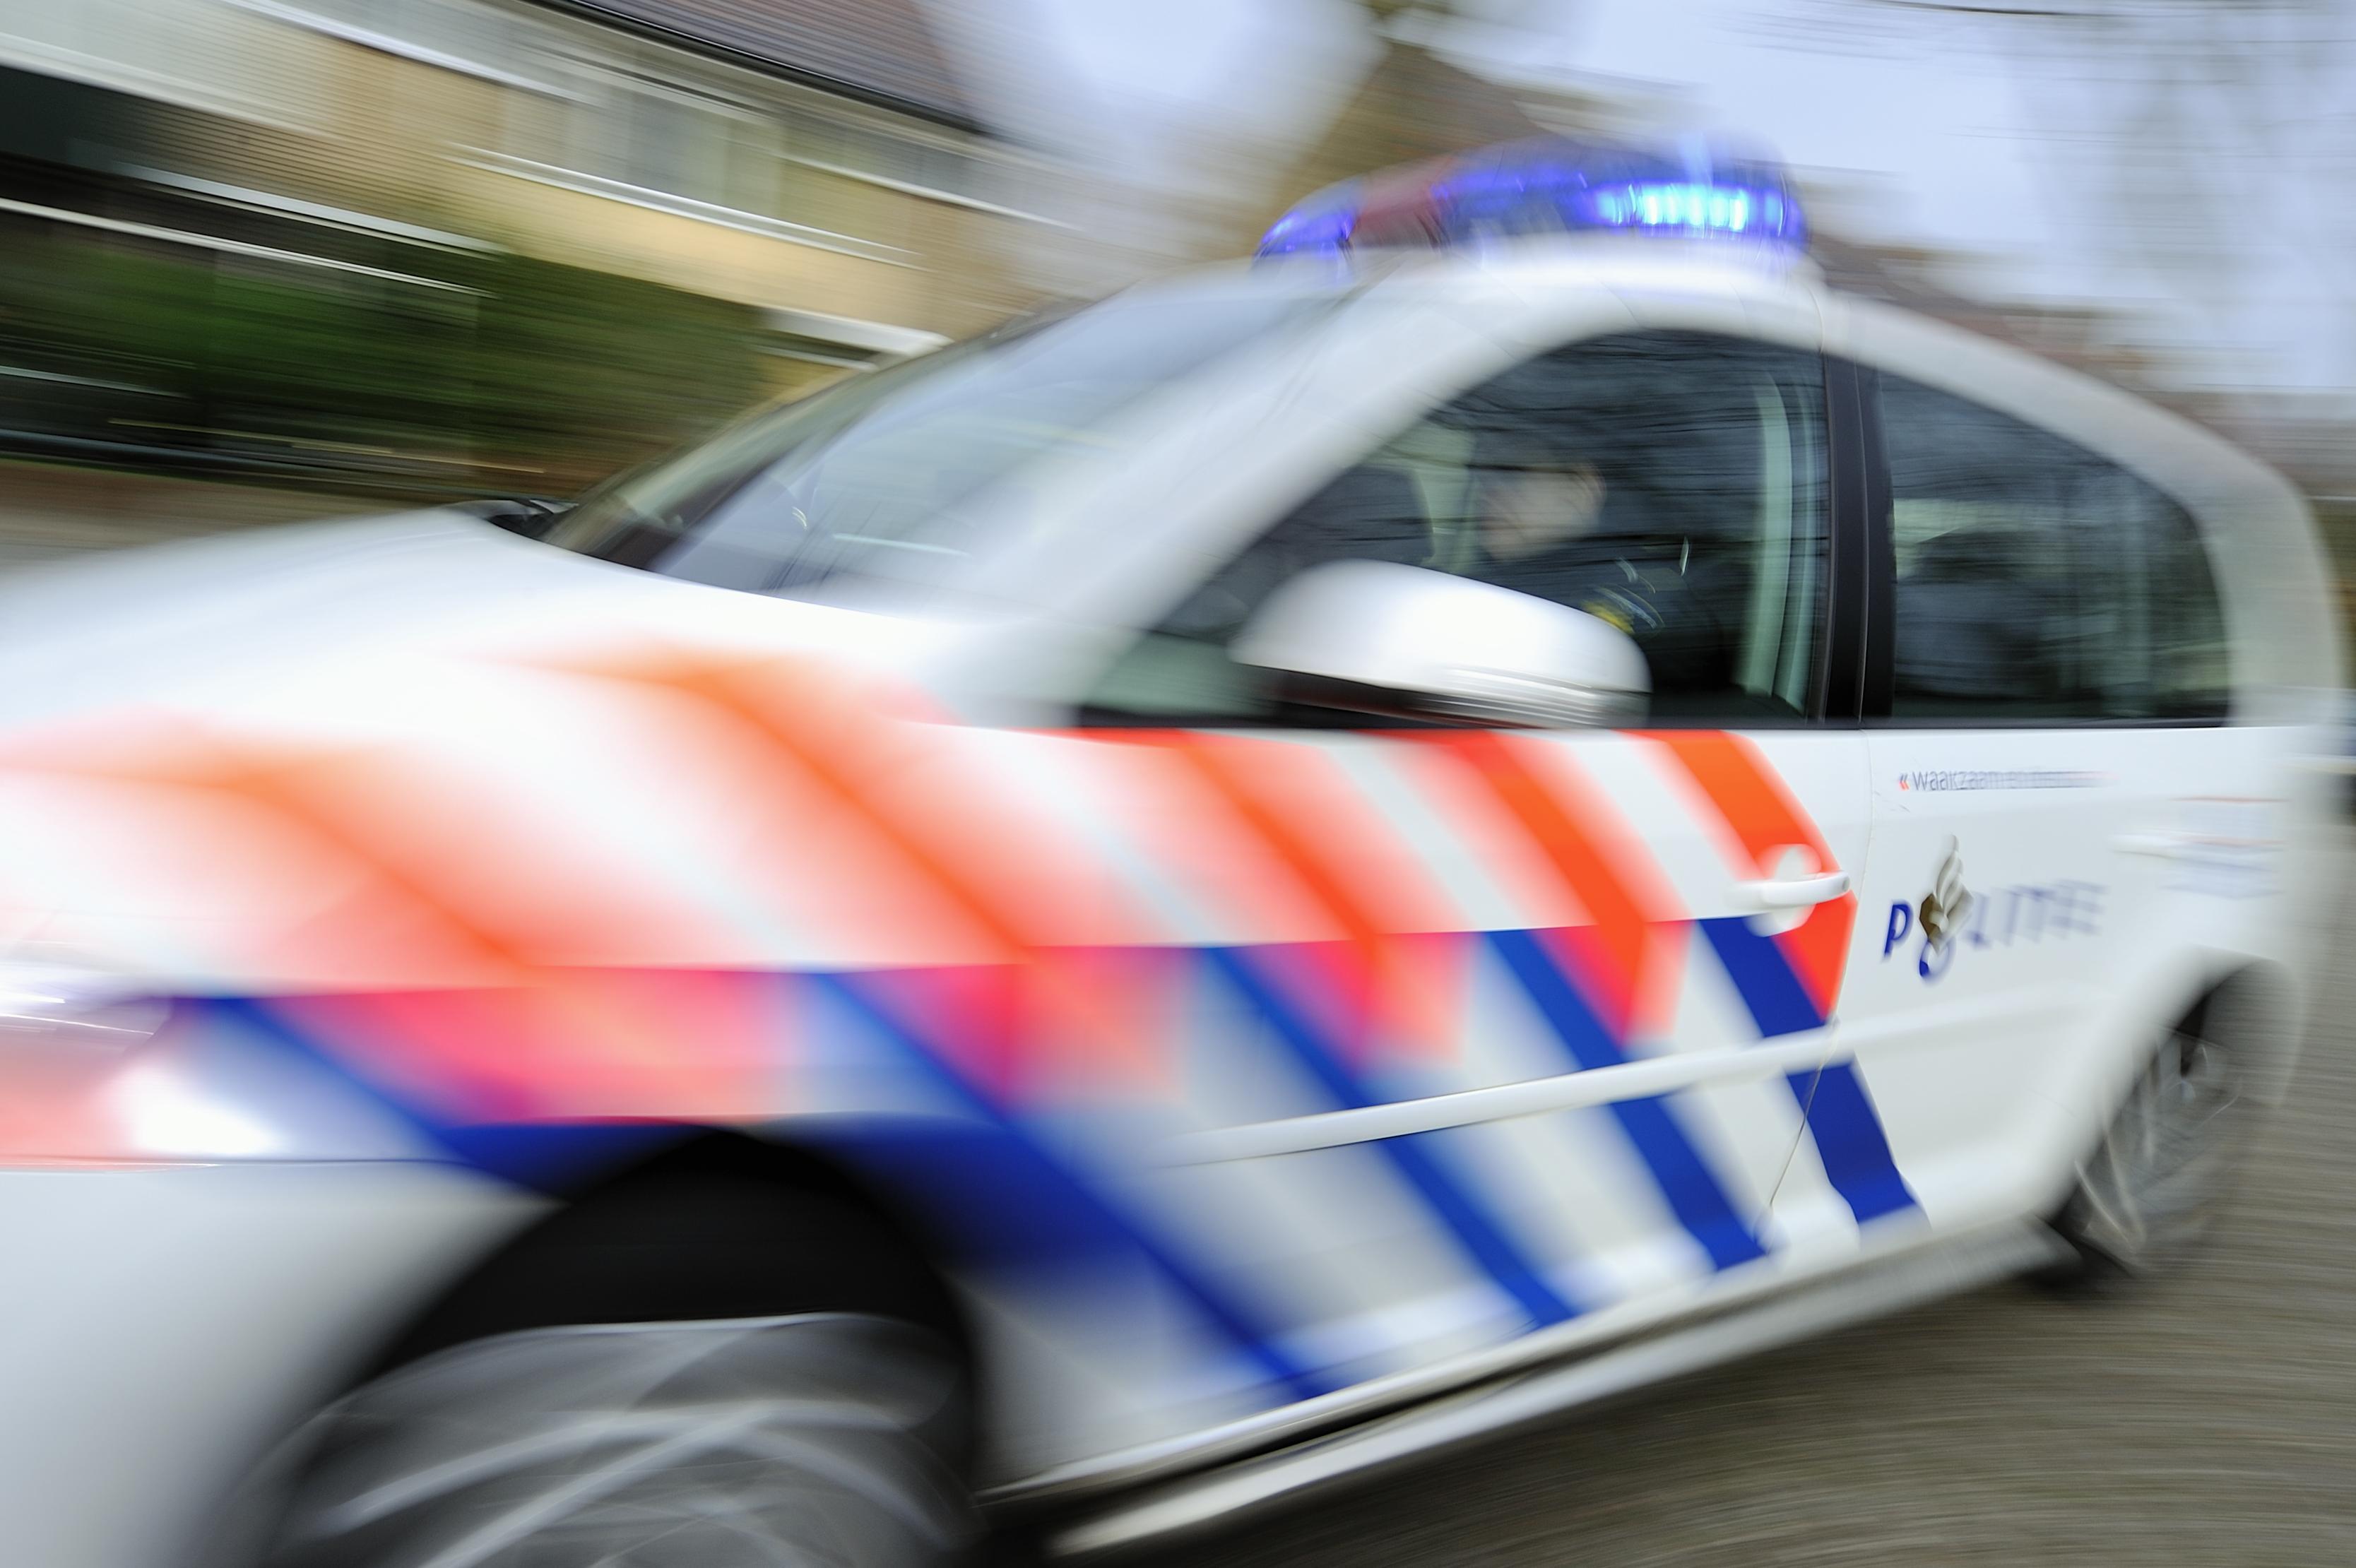 Politiechef ontslag aangezegd wegens seksueel wangedrag